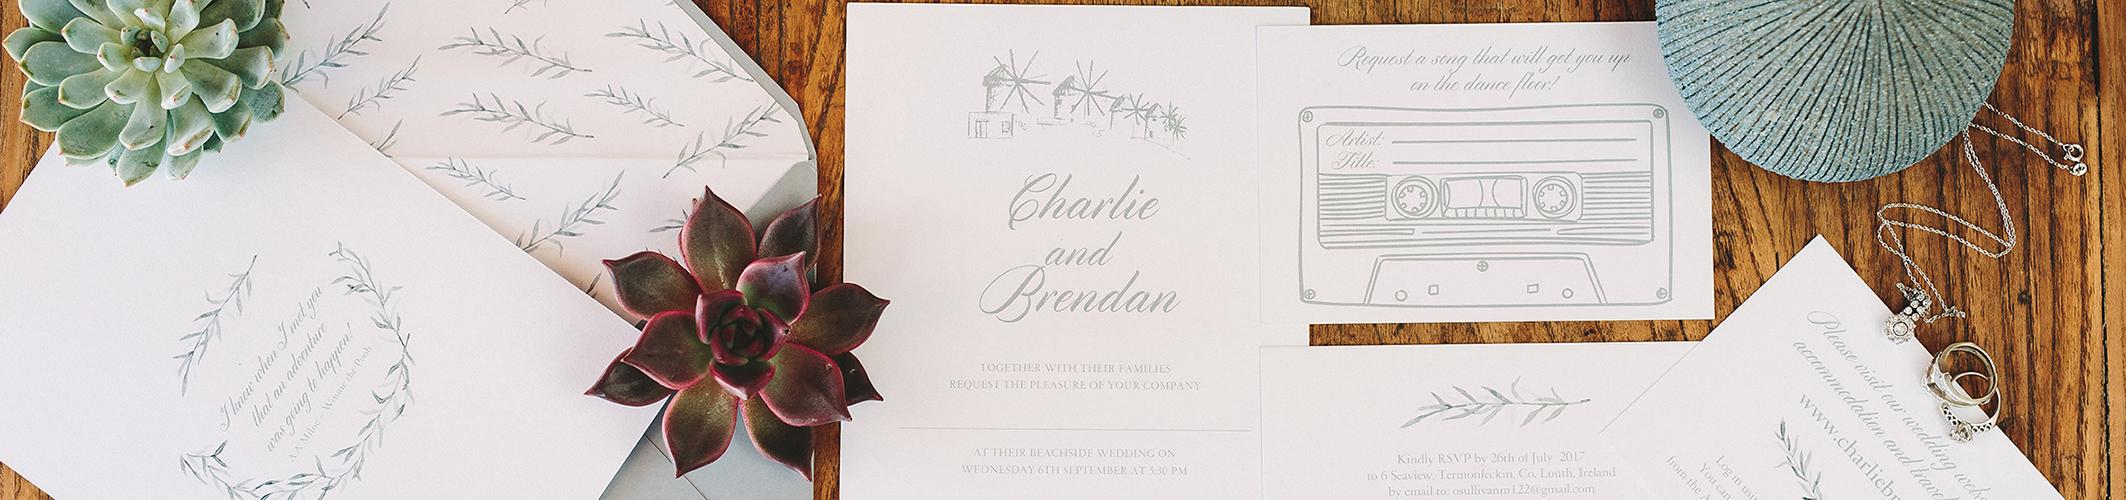 Ιδιαίτερο προσκλητηριο γάμου